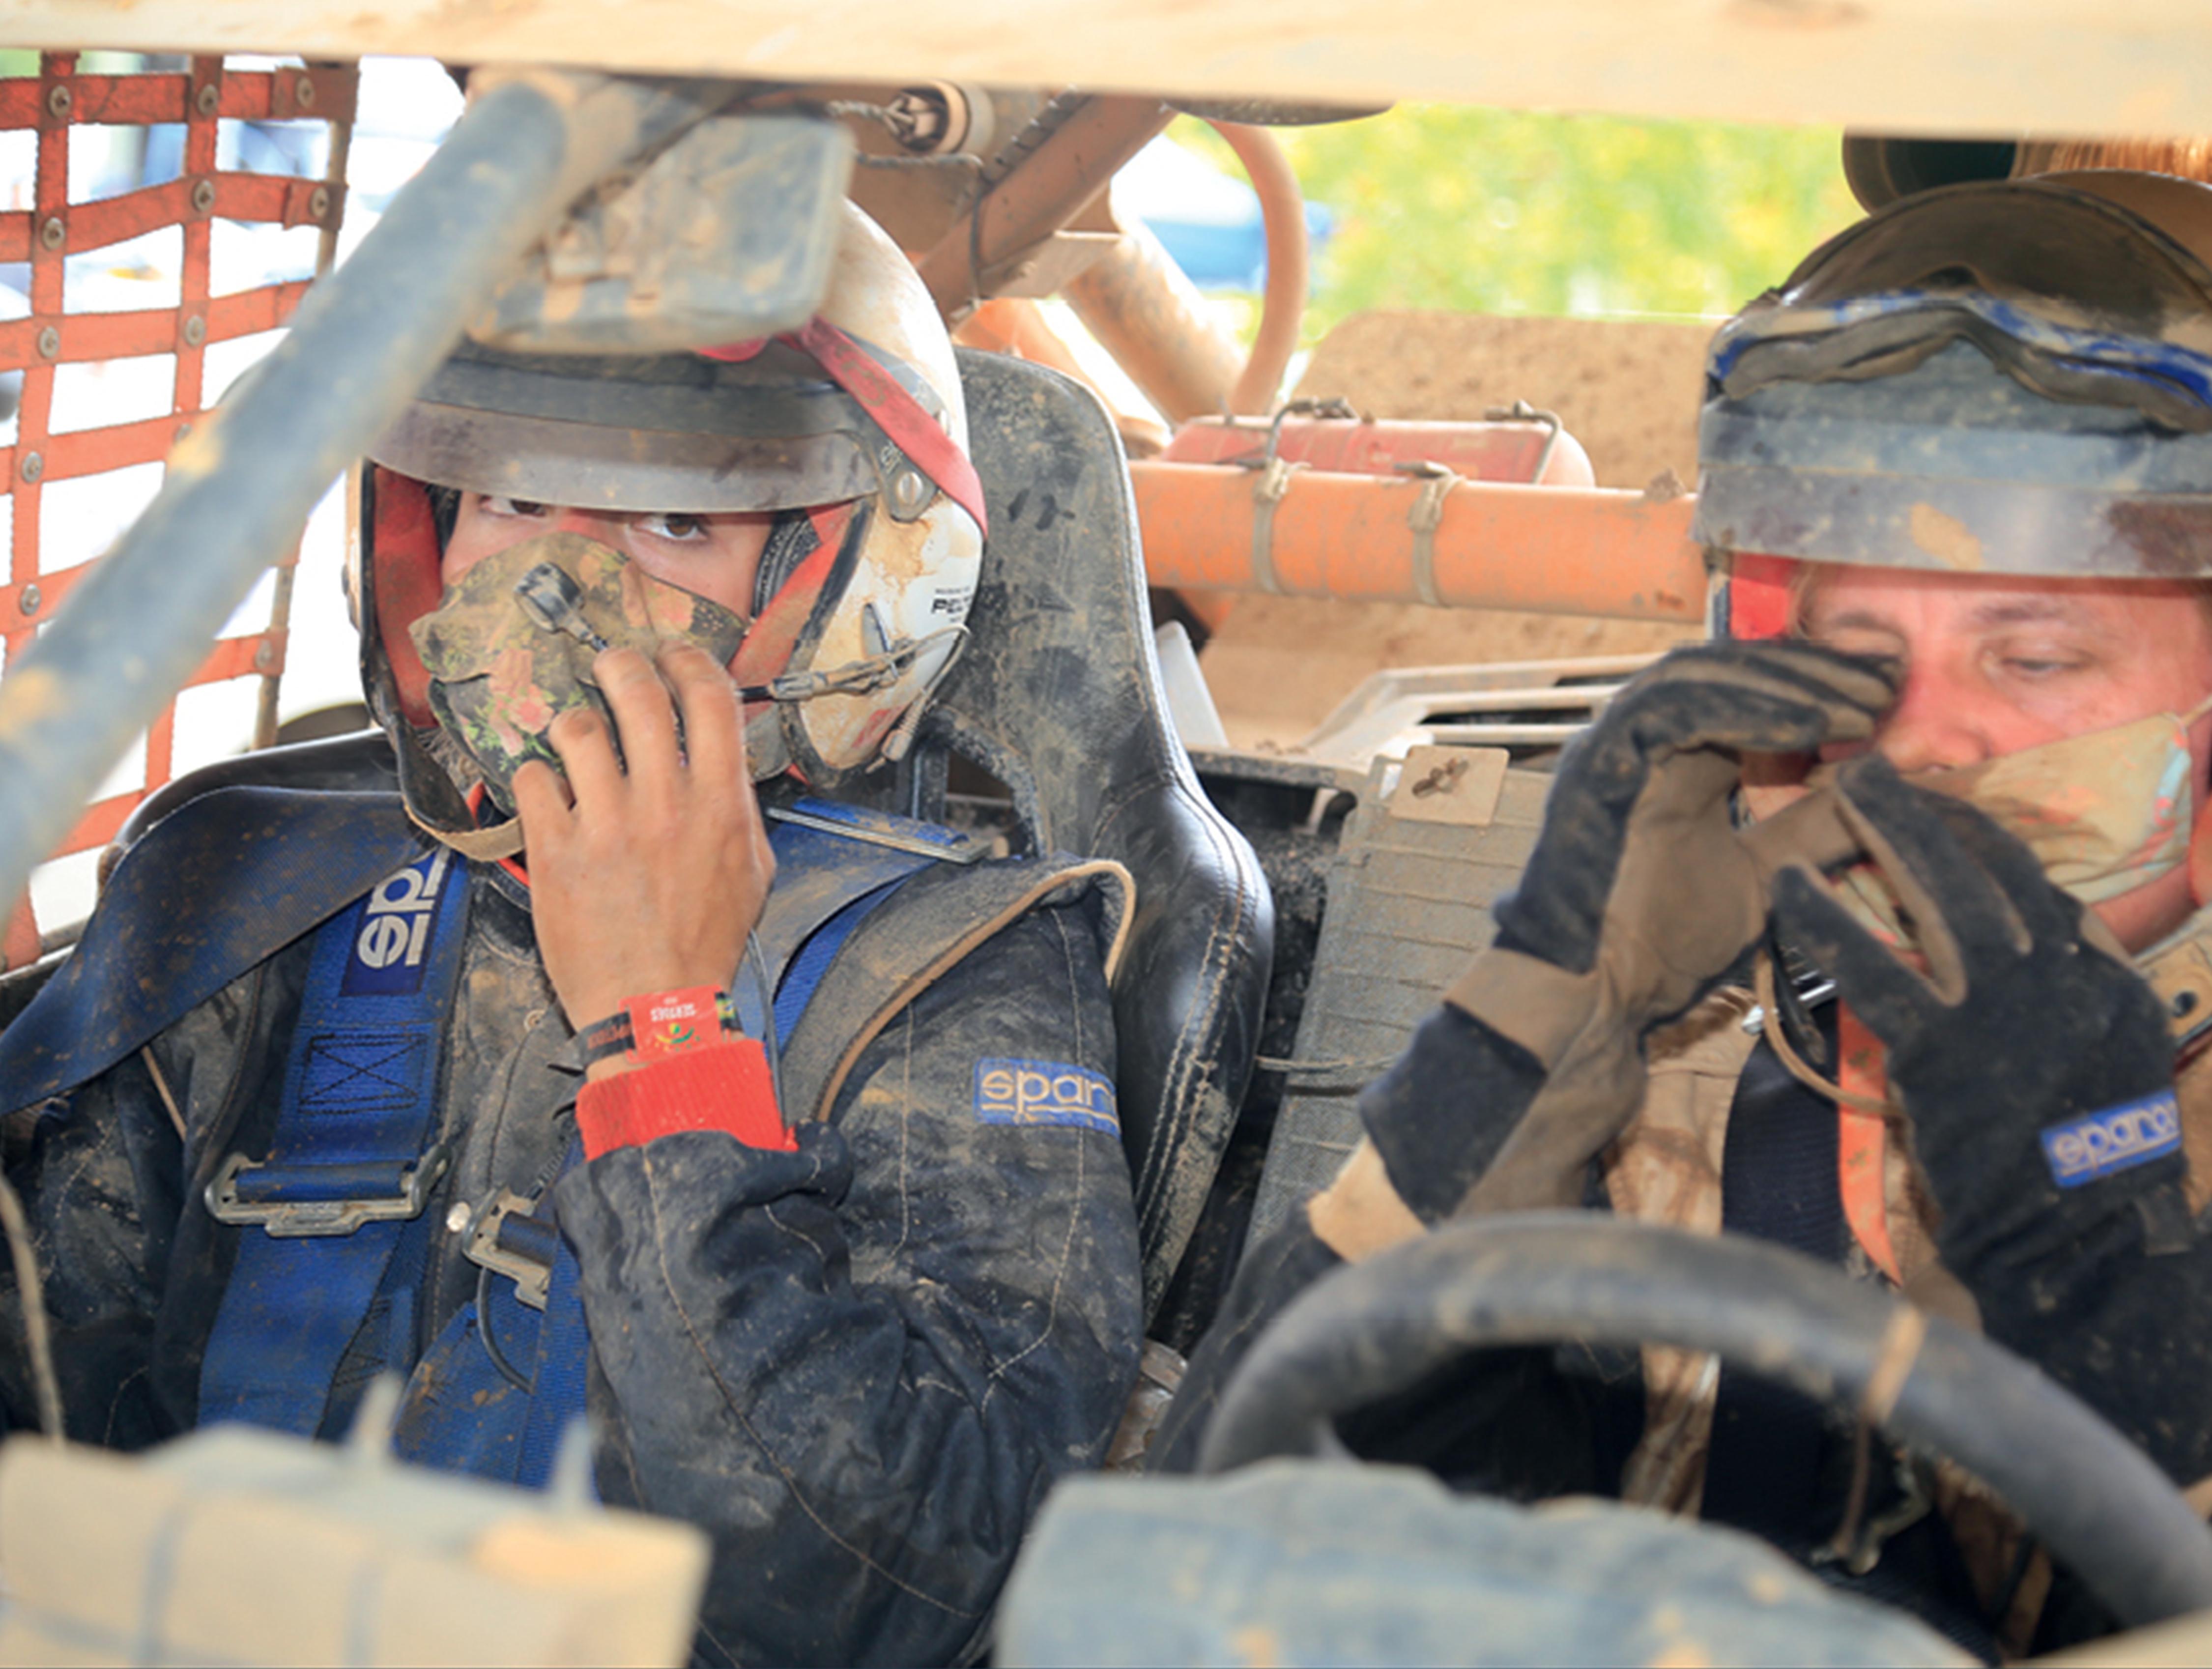 Duas mulheres estão sentadas nos bancos da frente do veículo. Elas estão com o uniforme, máscara e capacete, então só é possível enxergar os olhos delas. Elas e a superfície do carro estão sujas de terra e poeira levantadas na corrida.